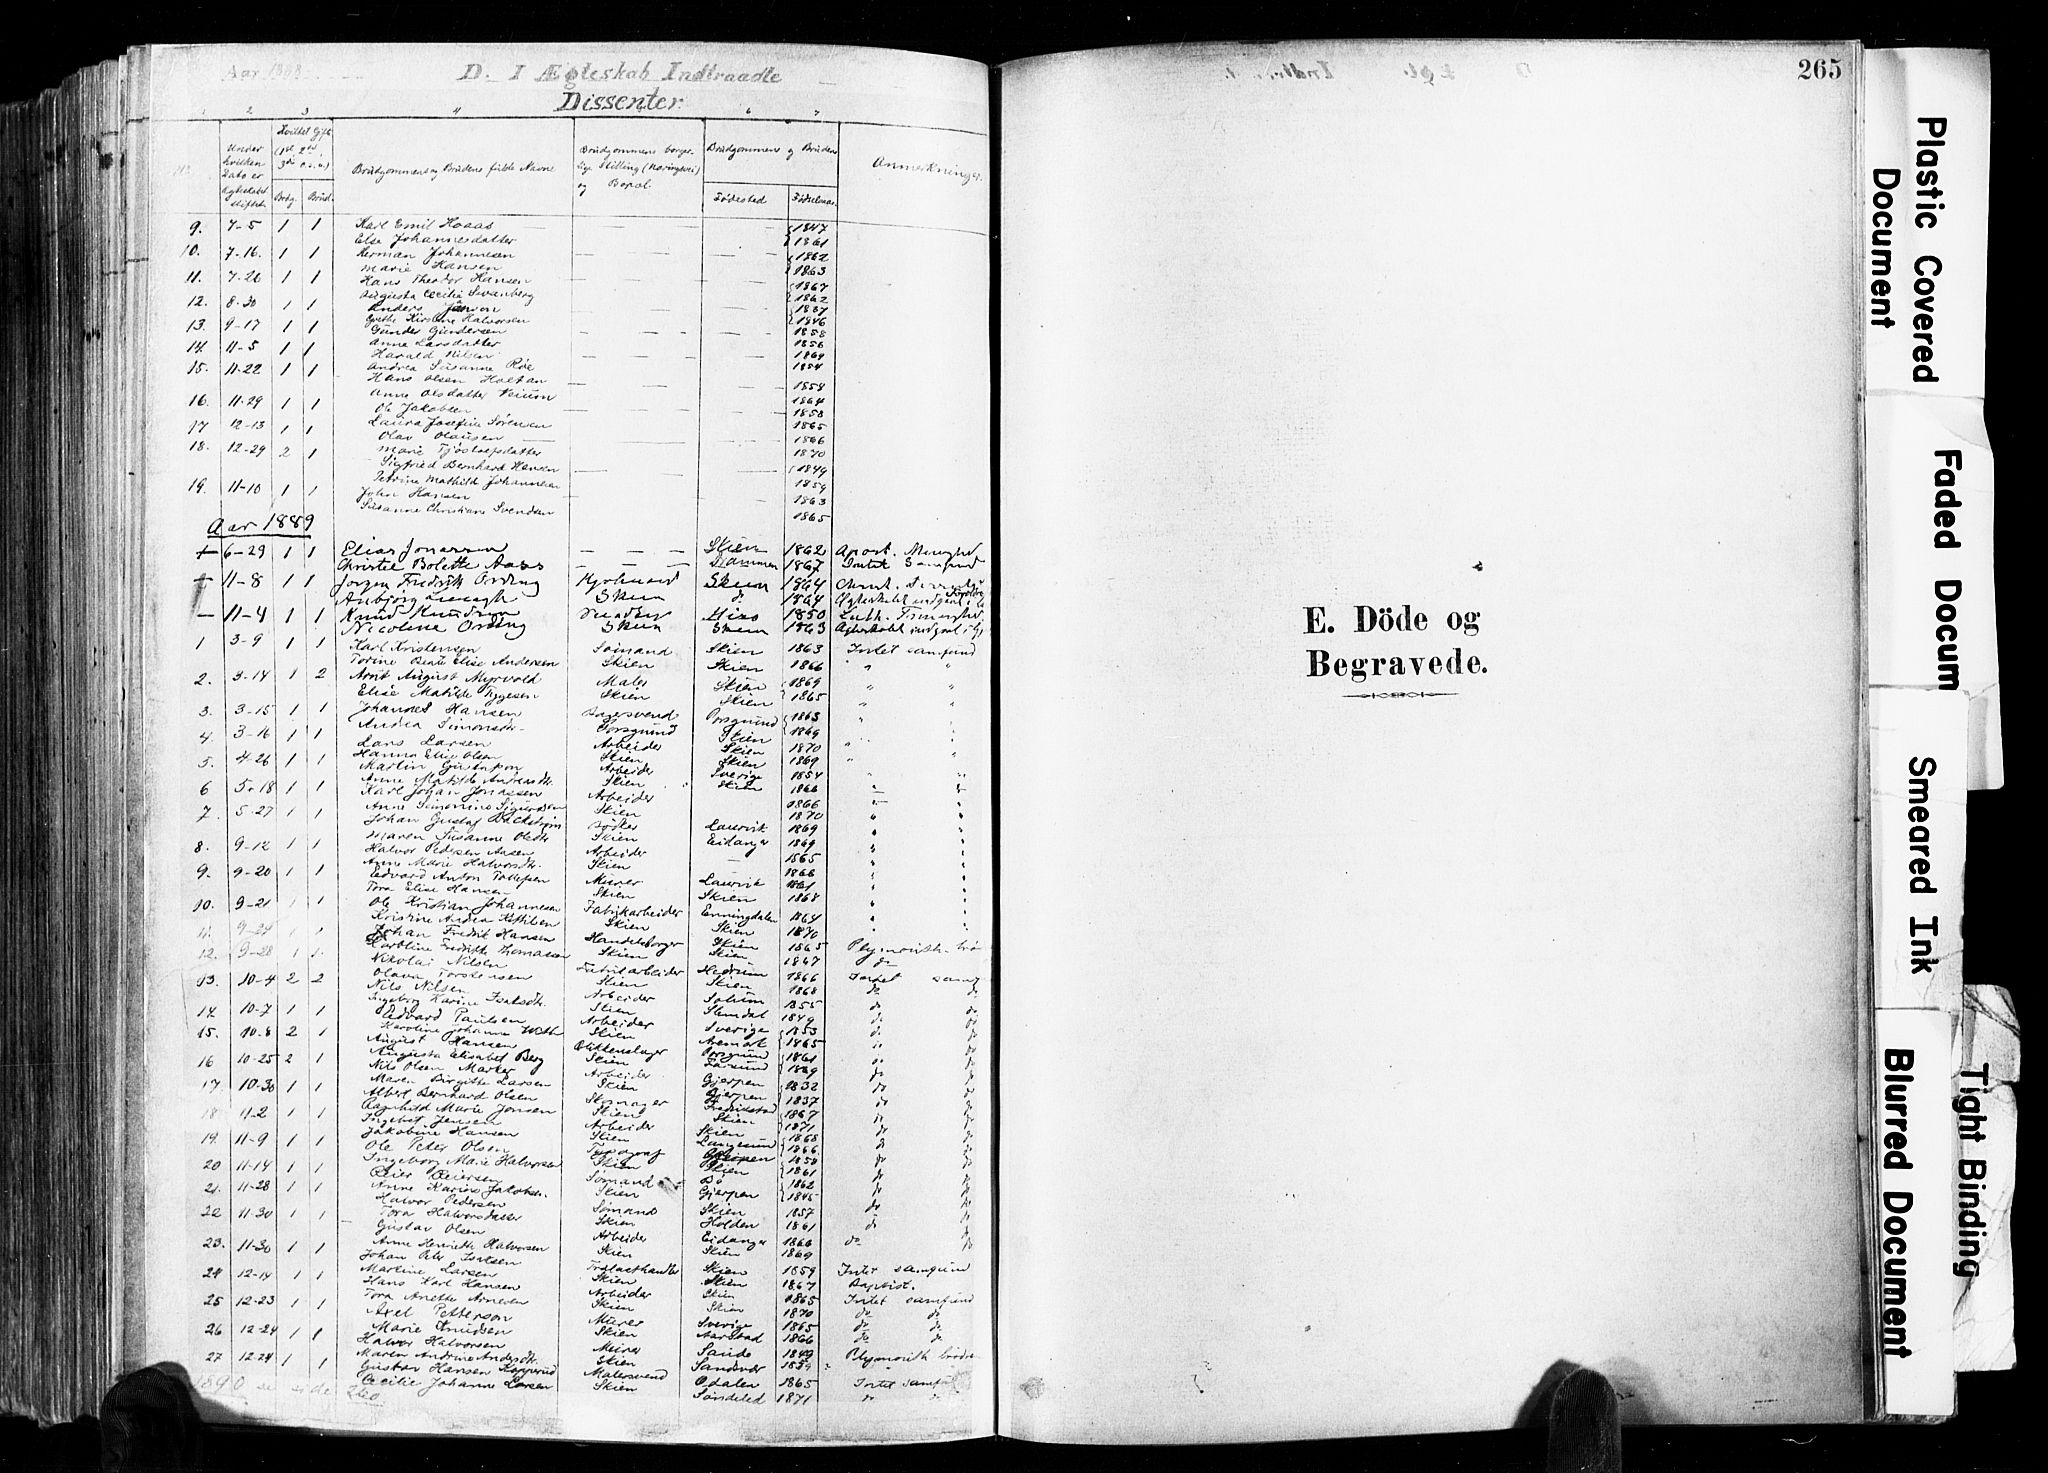 SAKO, Skien kirkebøker, F/Fa/L0009: Ministerialbok nr. 9, 1878-1890, s. 265